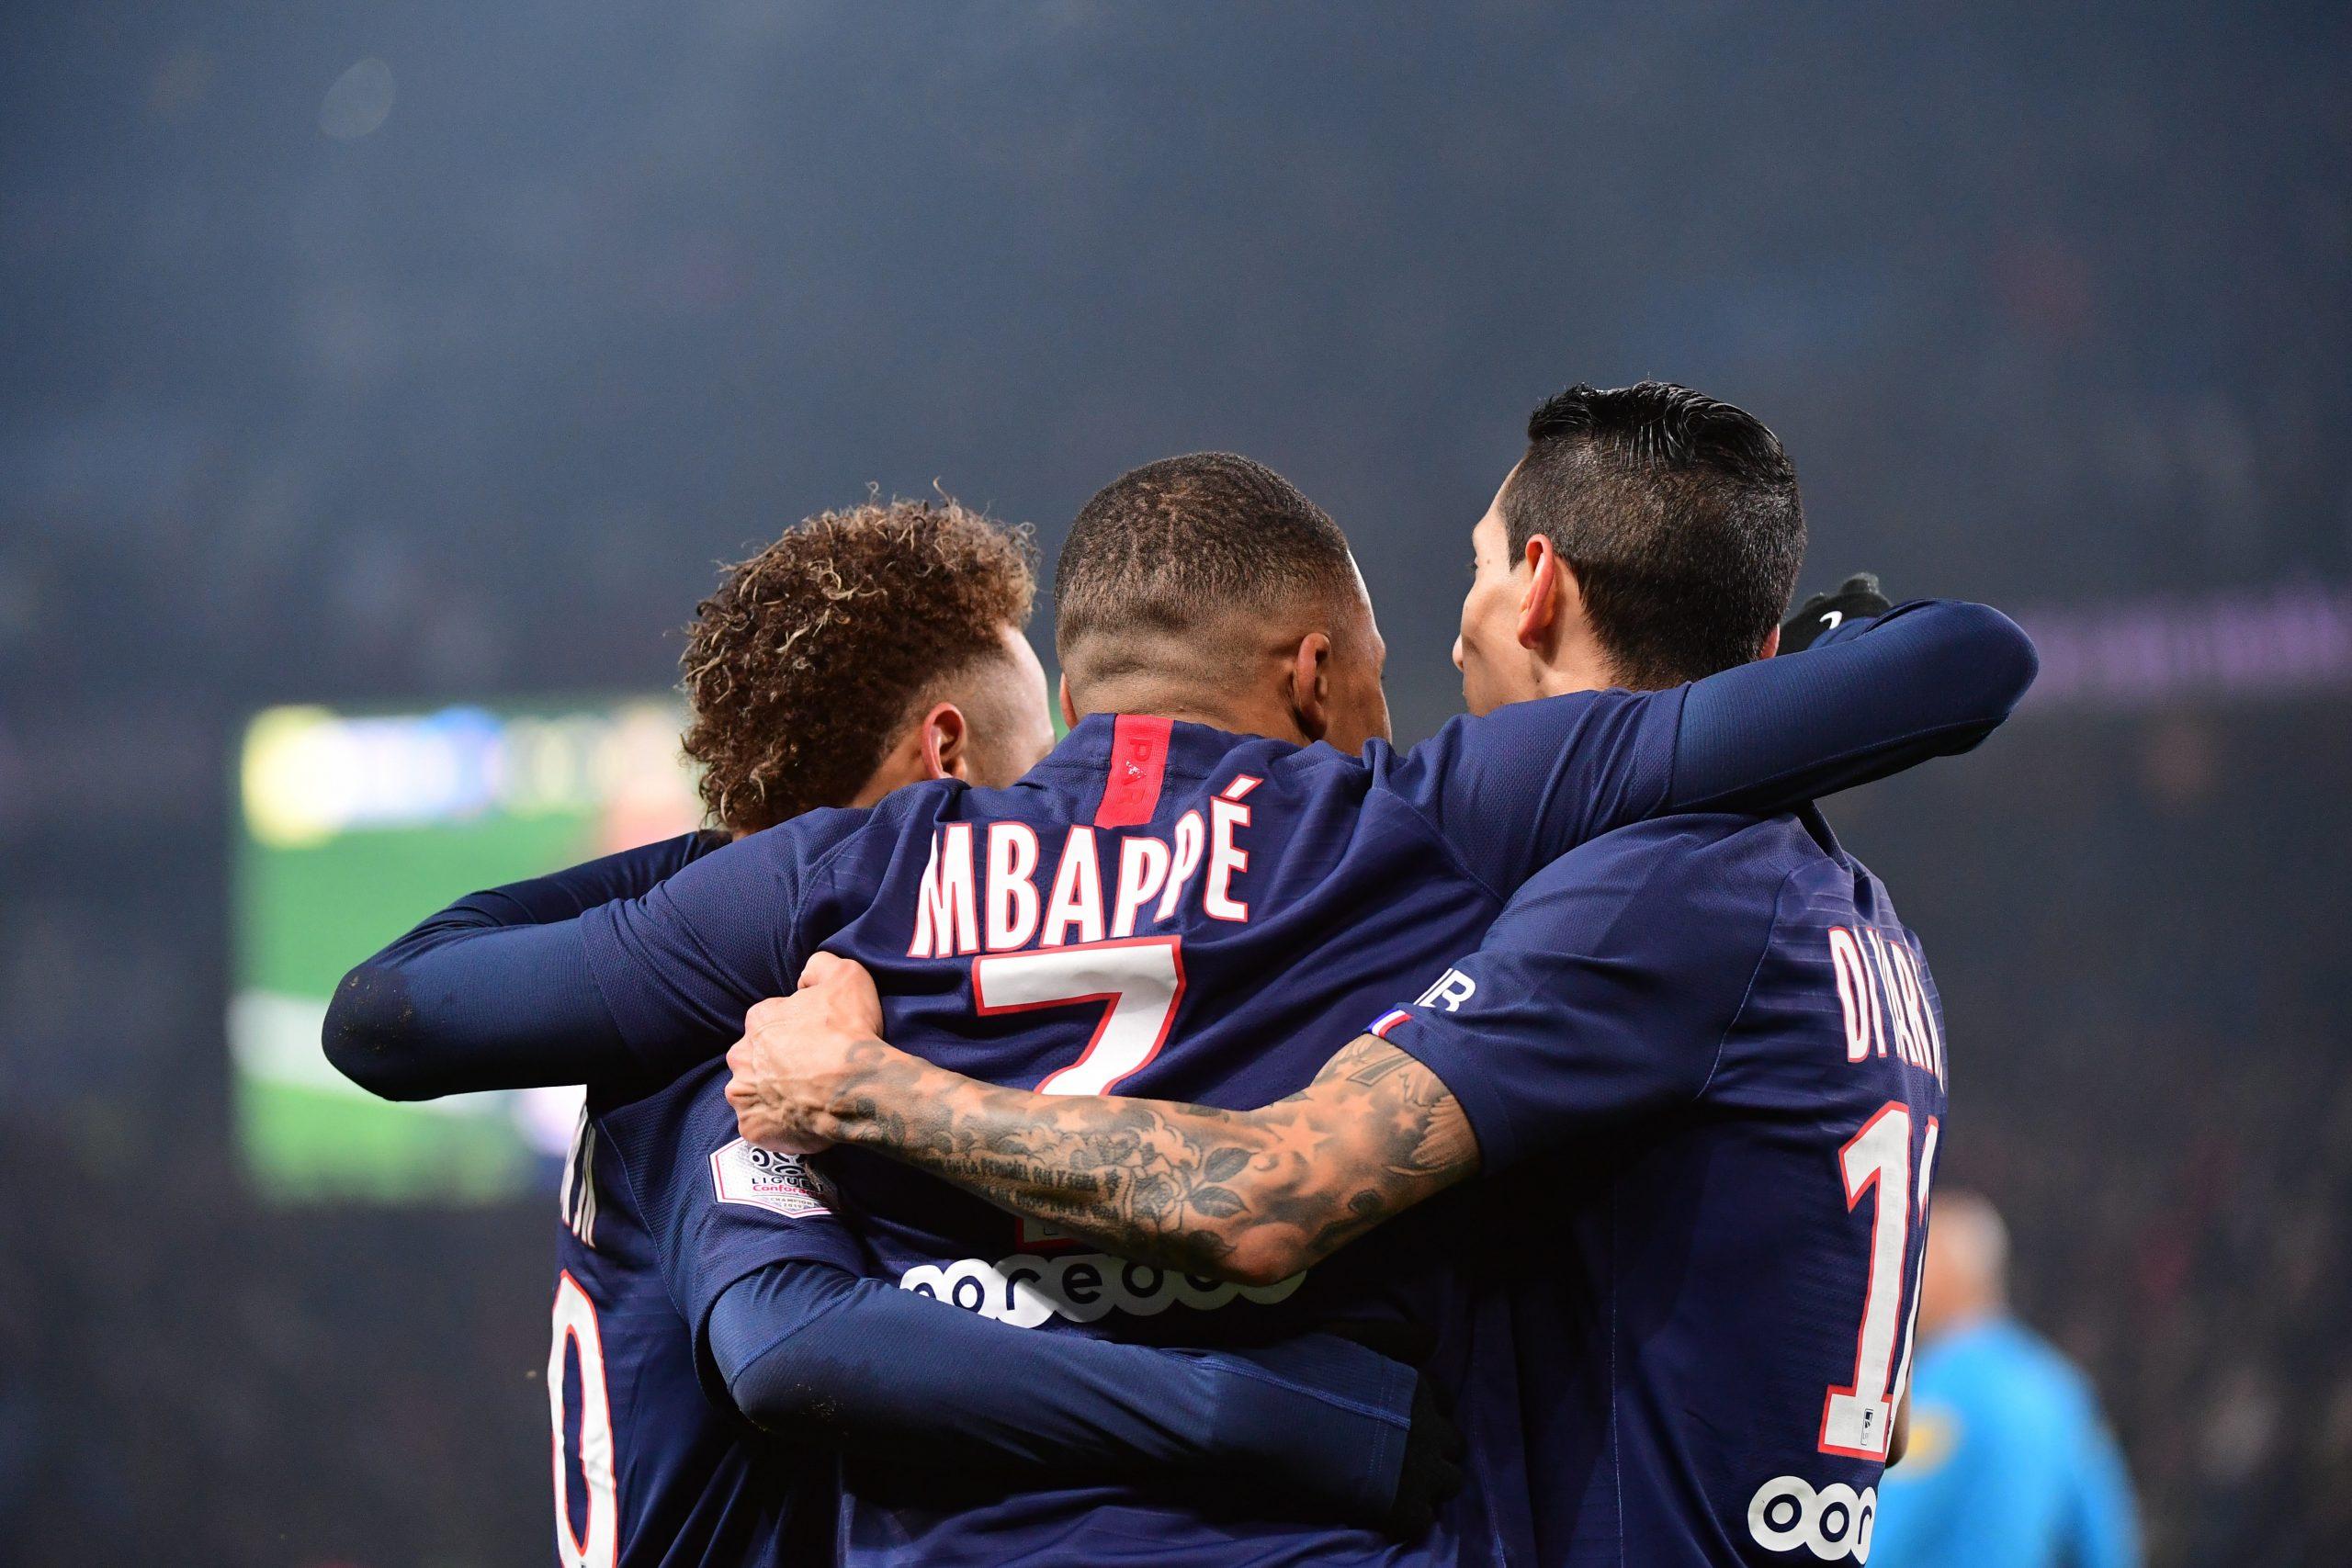 Ligue 1 - 7 joueurs du PSG dans l'équipe-type élue par les supporters sur le site de L'Equipe